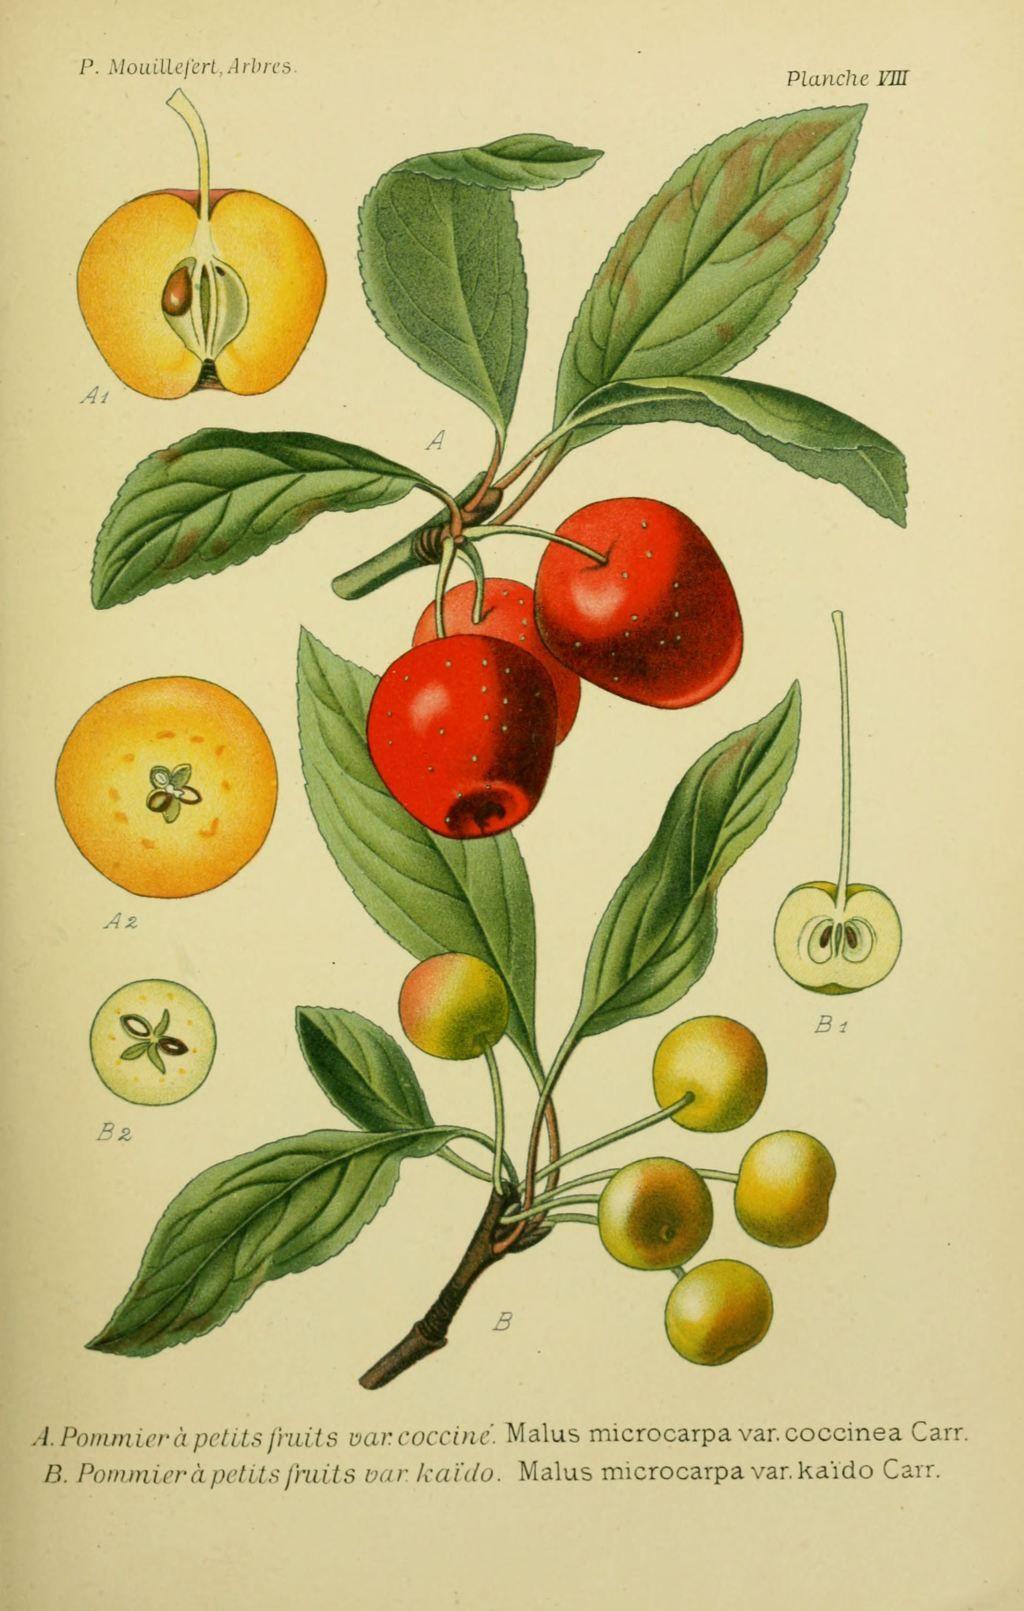 Dessins Arbres Et Arbrisseaux 0057 Pommier A Petits Fruits Coccine Malus Microcarpa Coccinea Jpg D Dessin Arbre Gravures Botaniques Anciennes Dessin Fruits